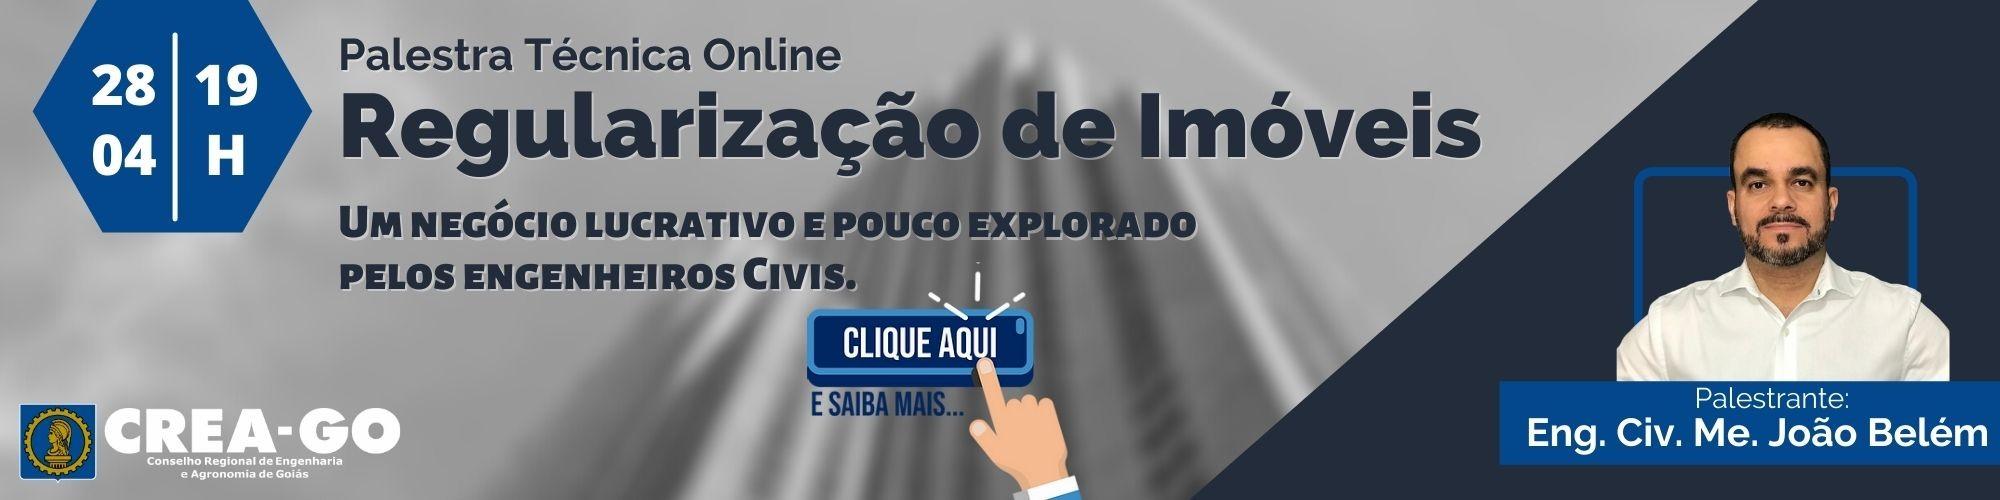 """[banner: banner]  - 28 BANNER """"Regularização de Imóveis"""" é tema de palestra técnica virtual.jpg"""